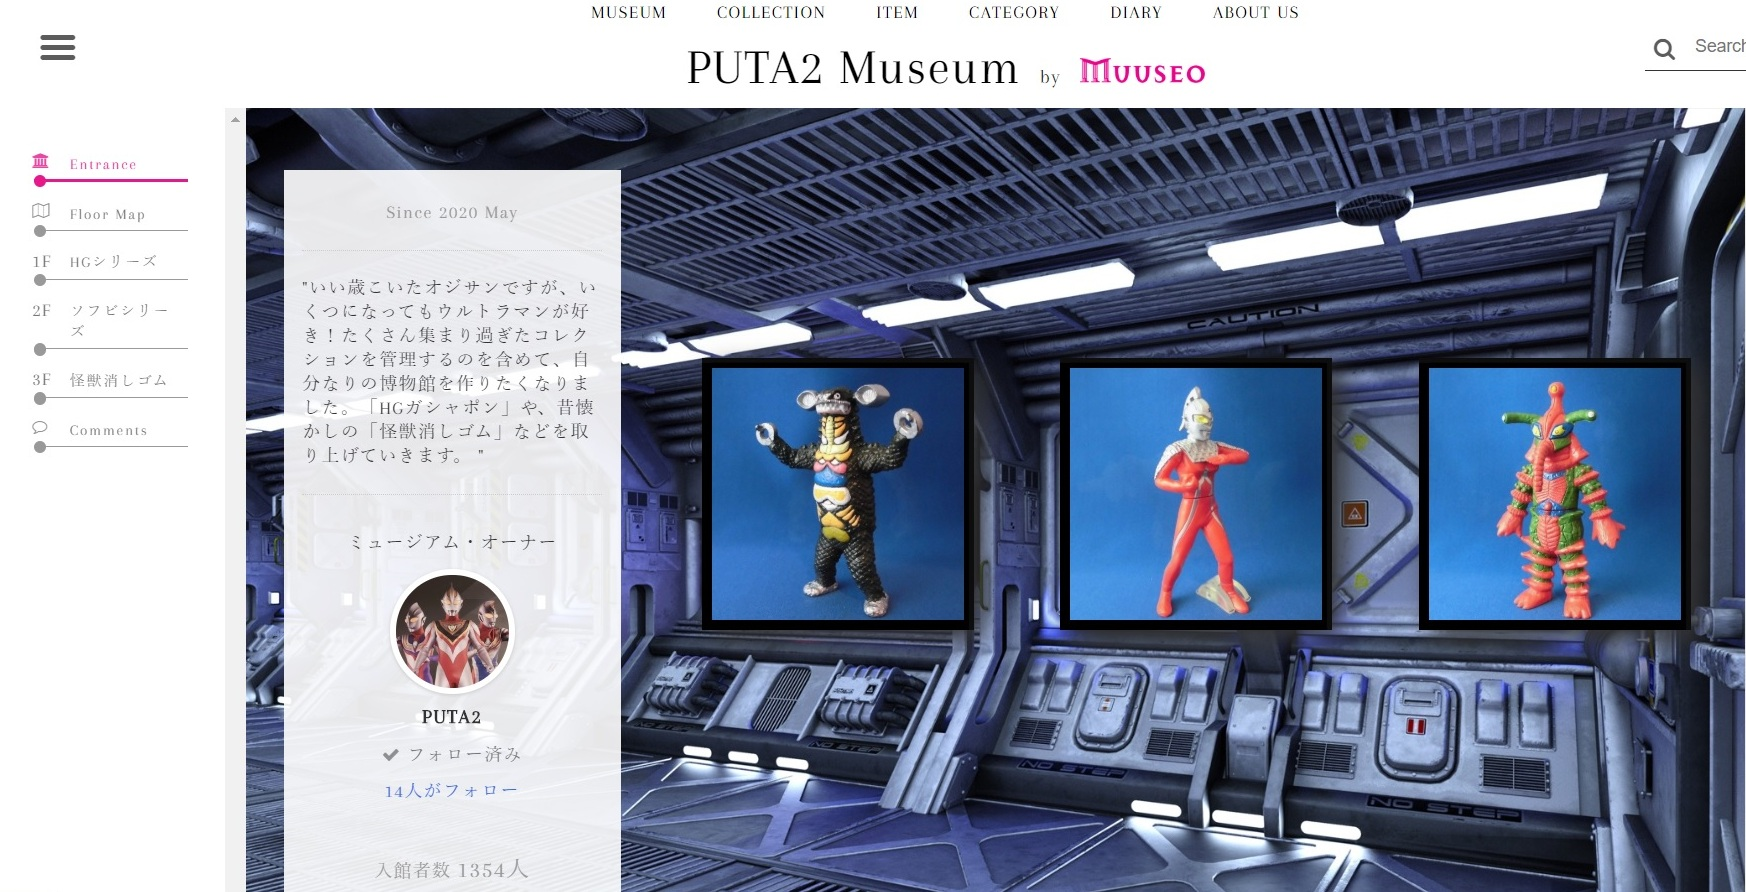 muuseo.jpg